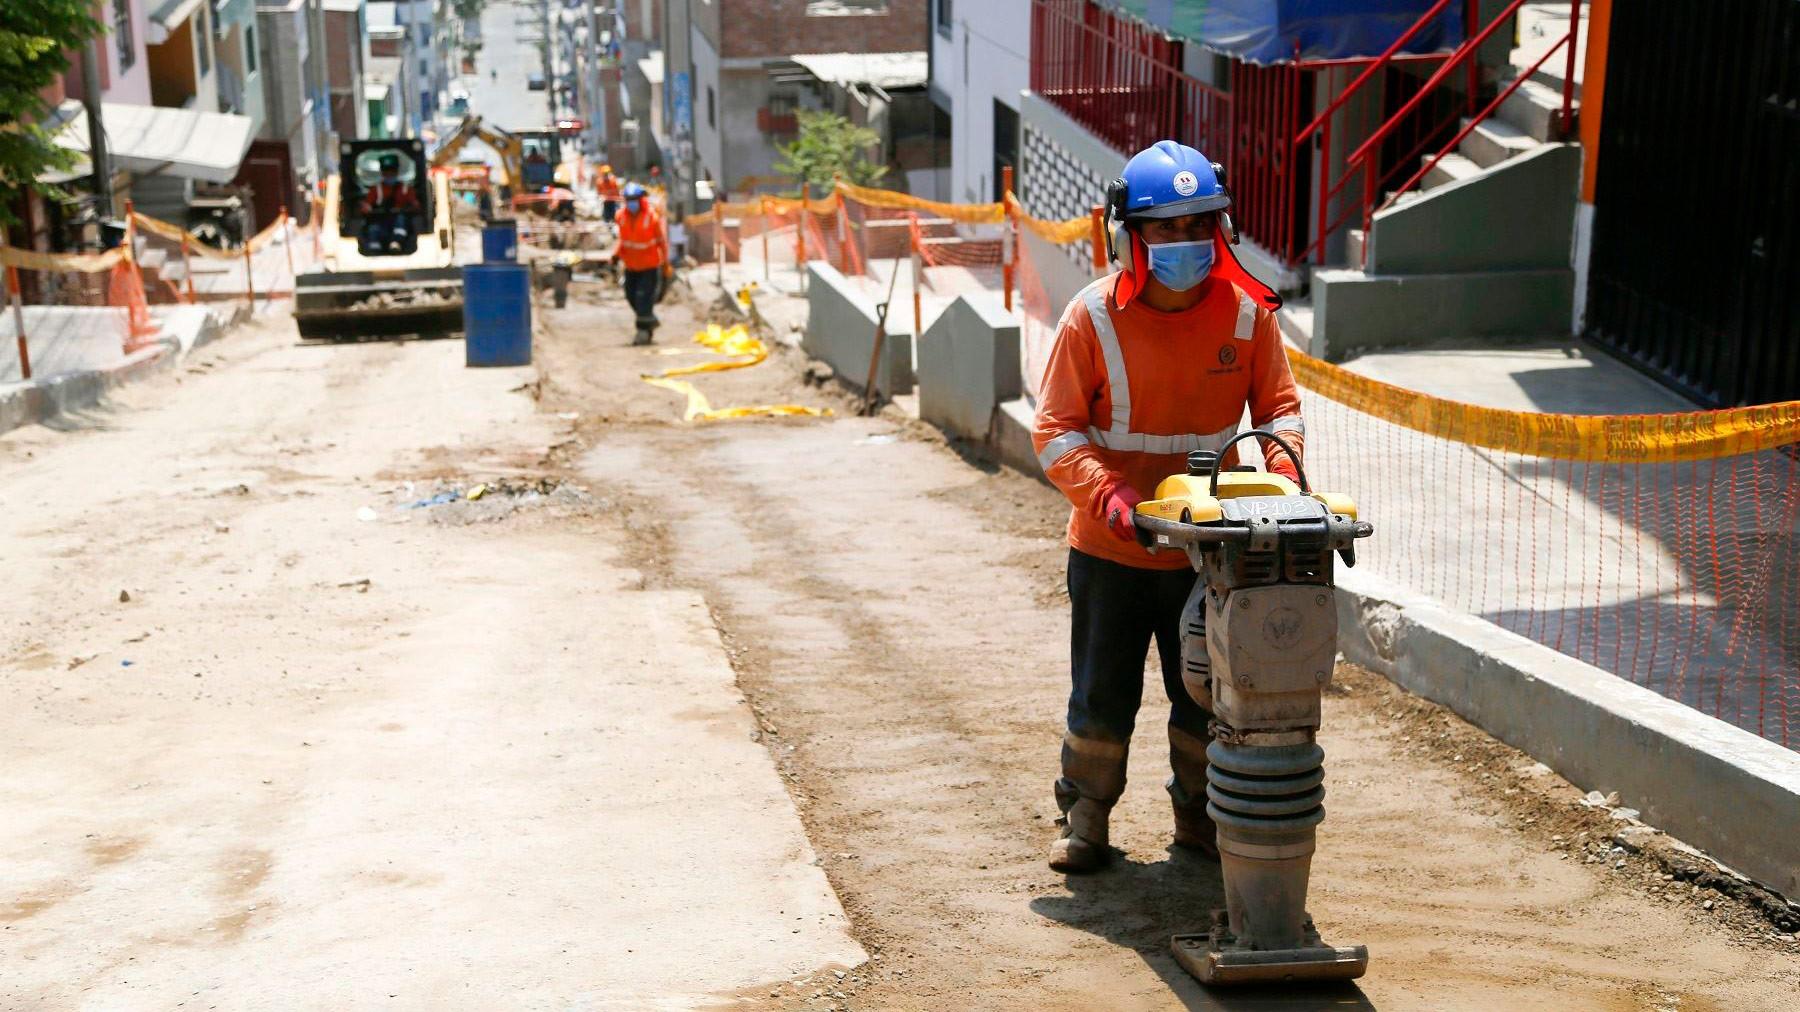 Las Obras por Impuestos recuperan terreno, mientras que las APP siguen enfriándose